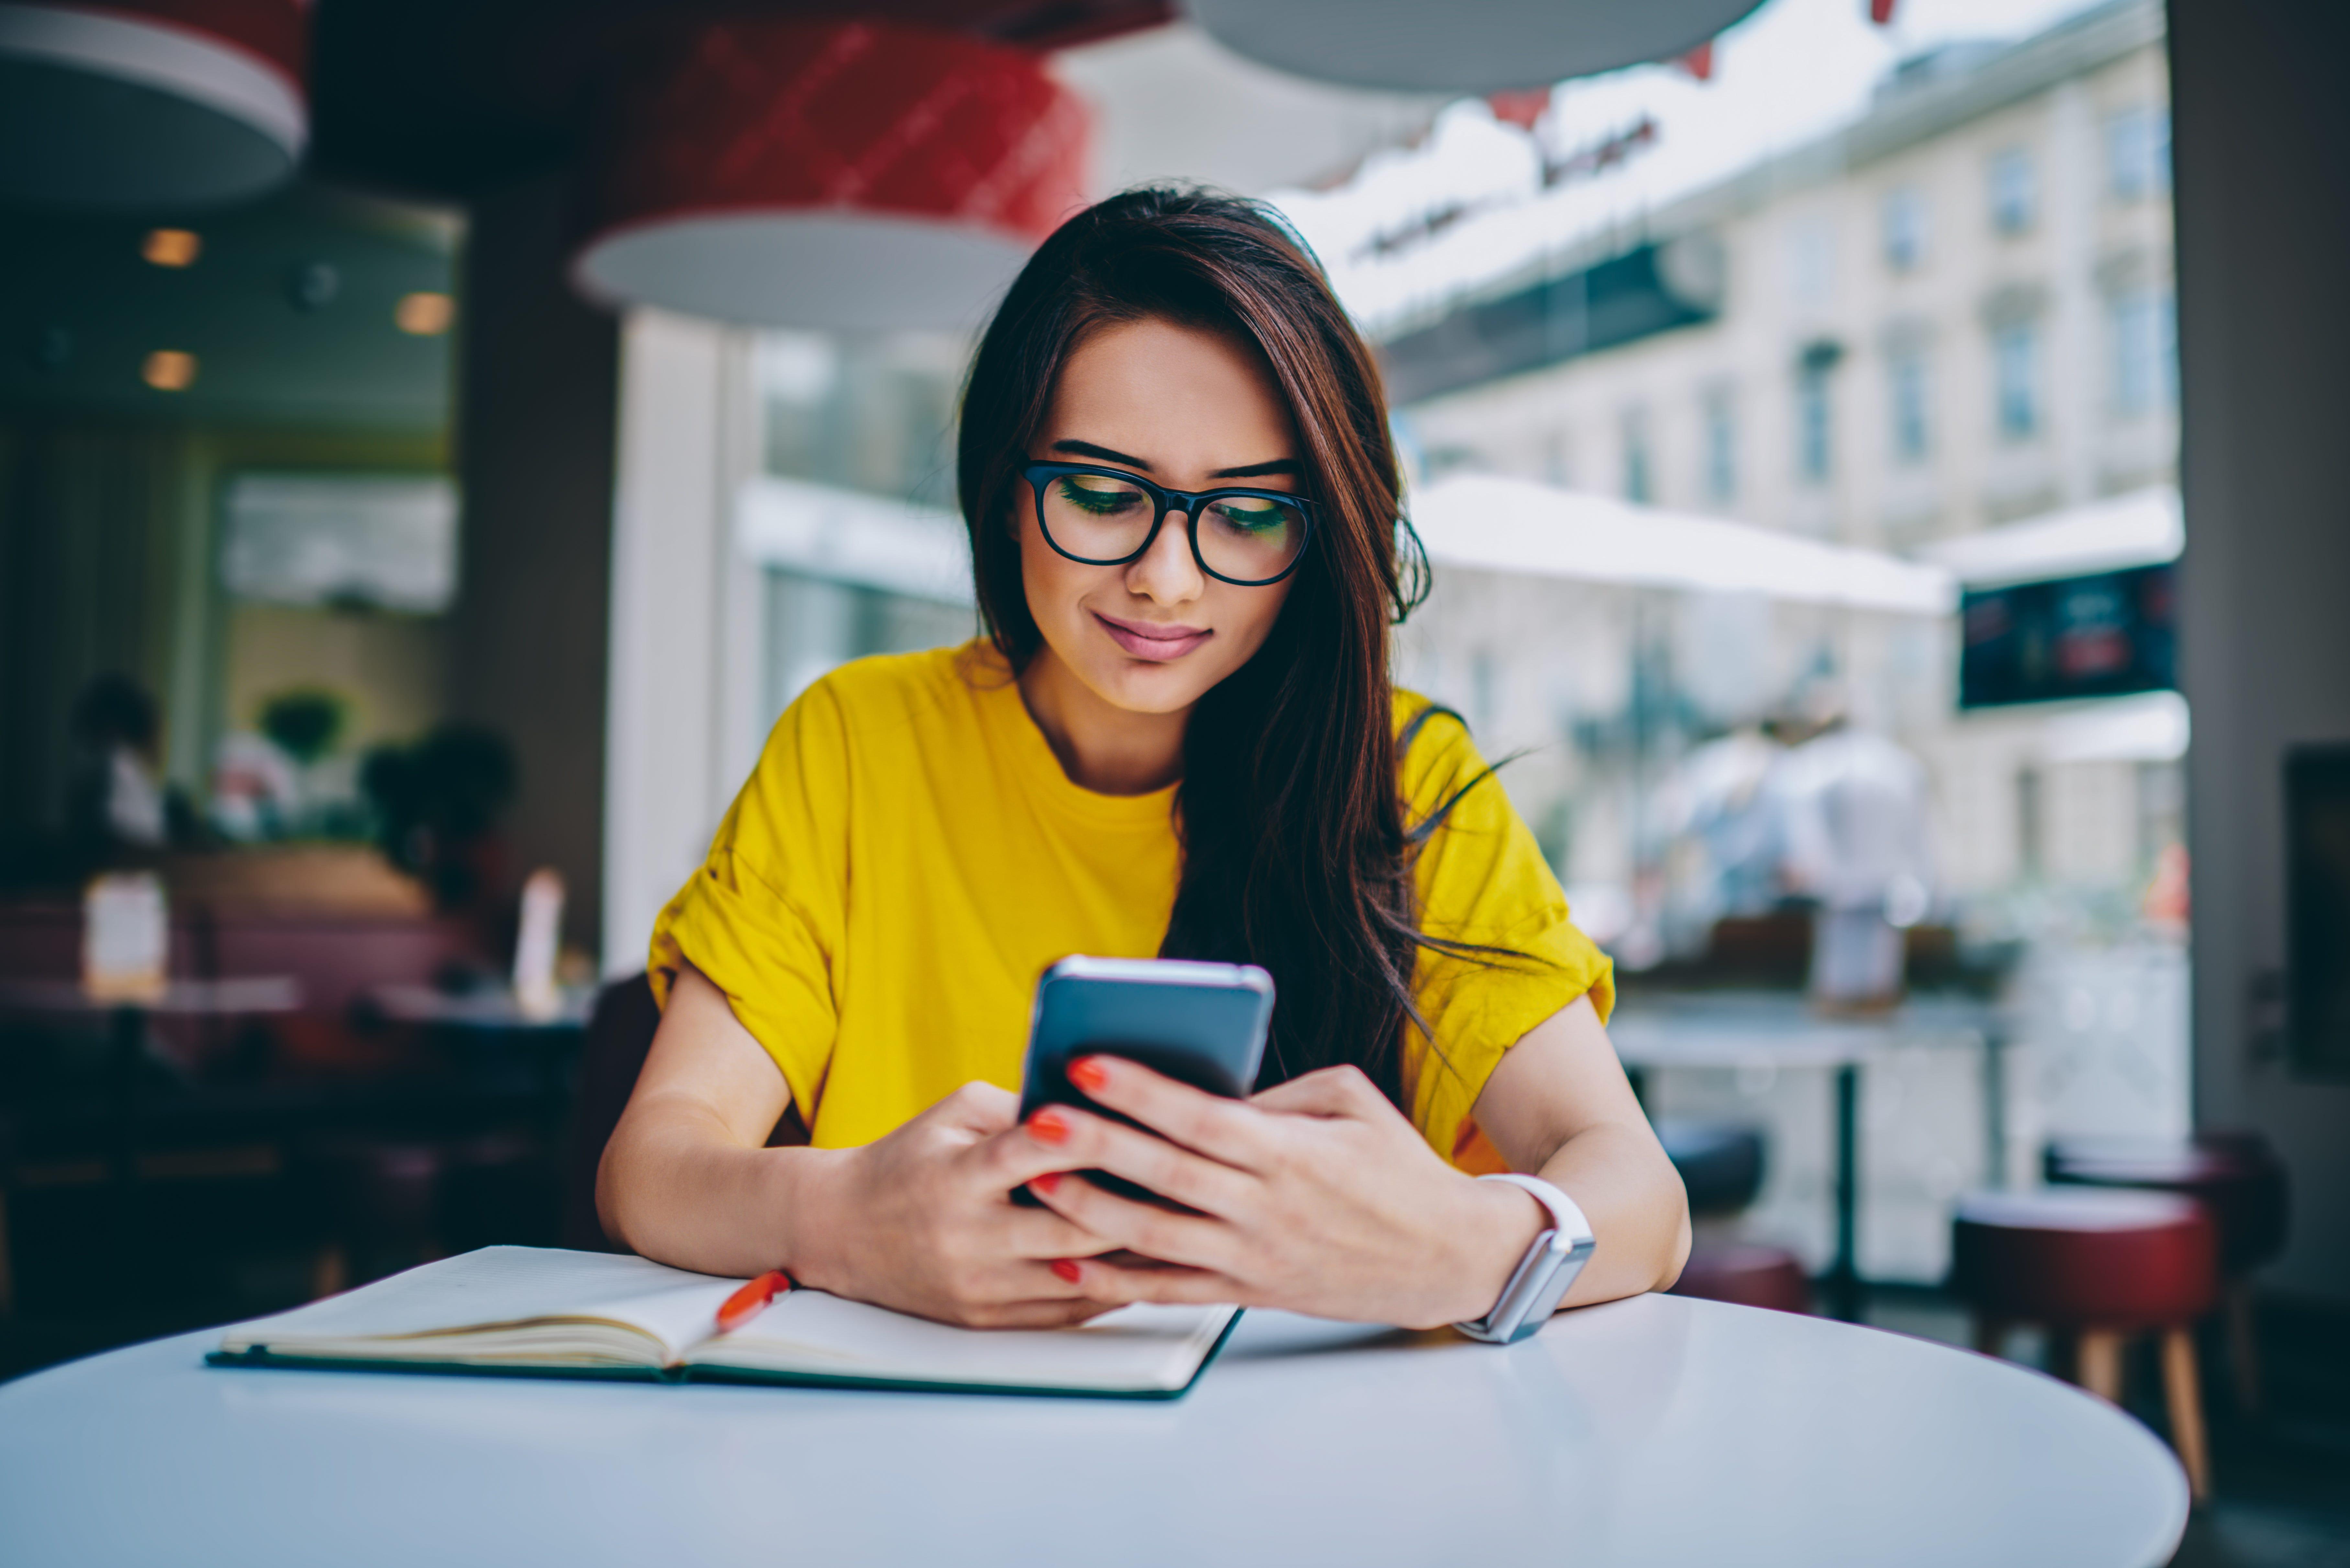 woman using smartphone 74ffddd2 f648 44c9 a8f1 fce25b51b05f.'